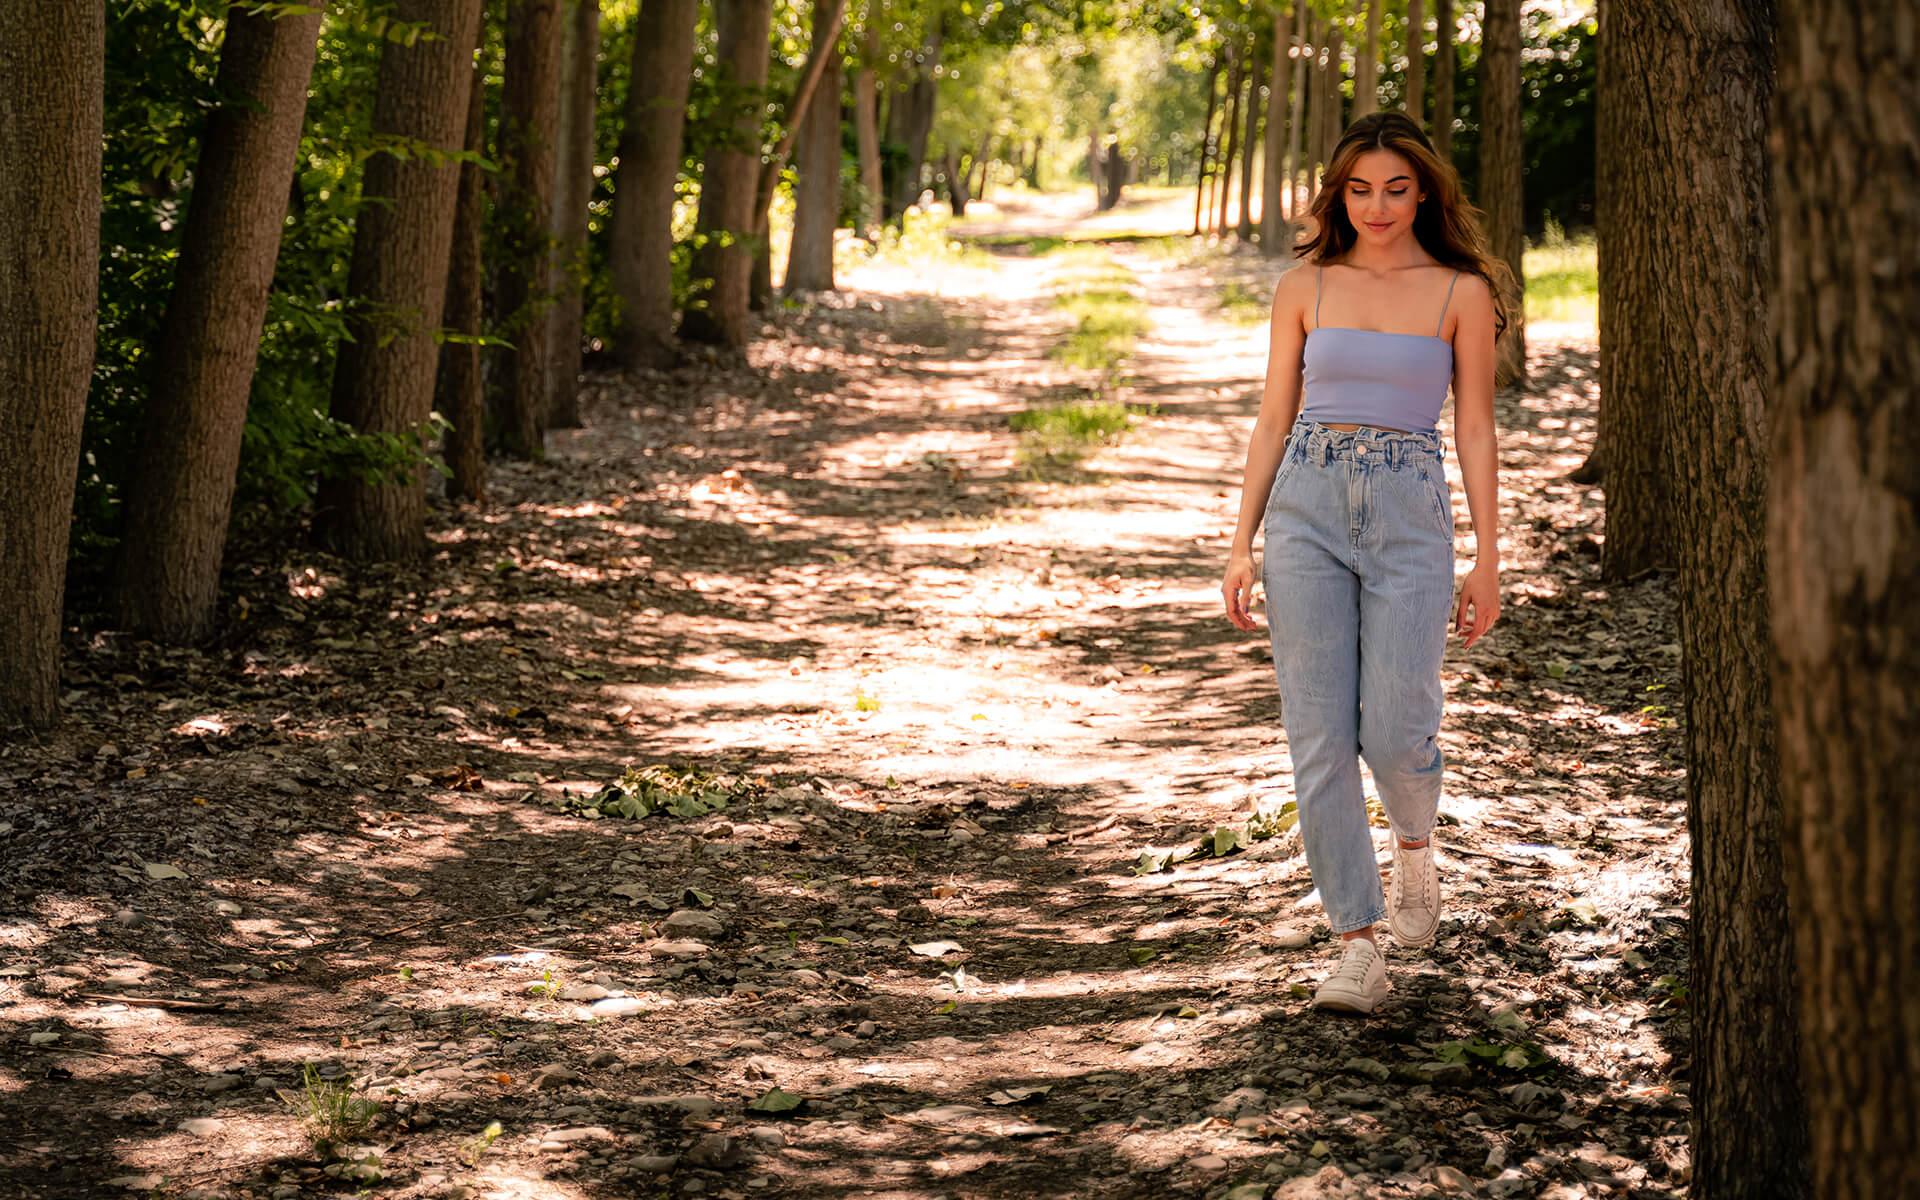 Младо момиче се разхожда из природата